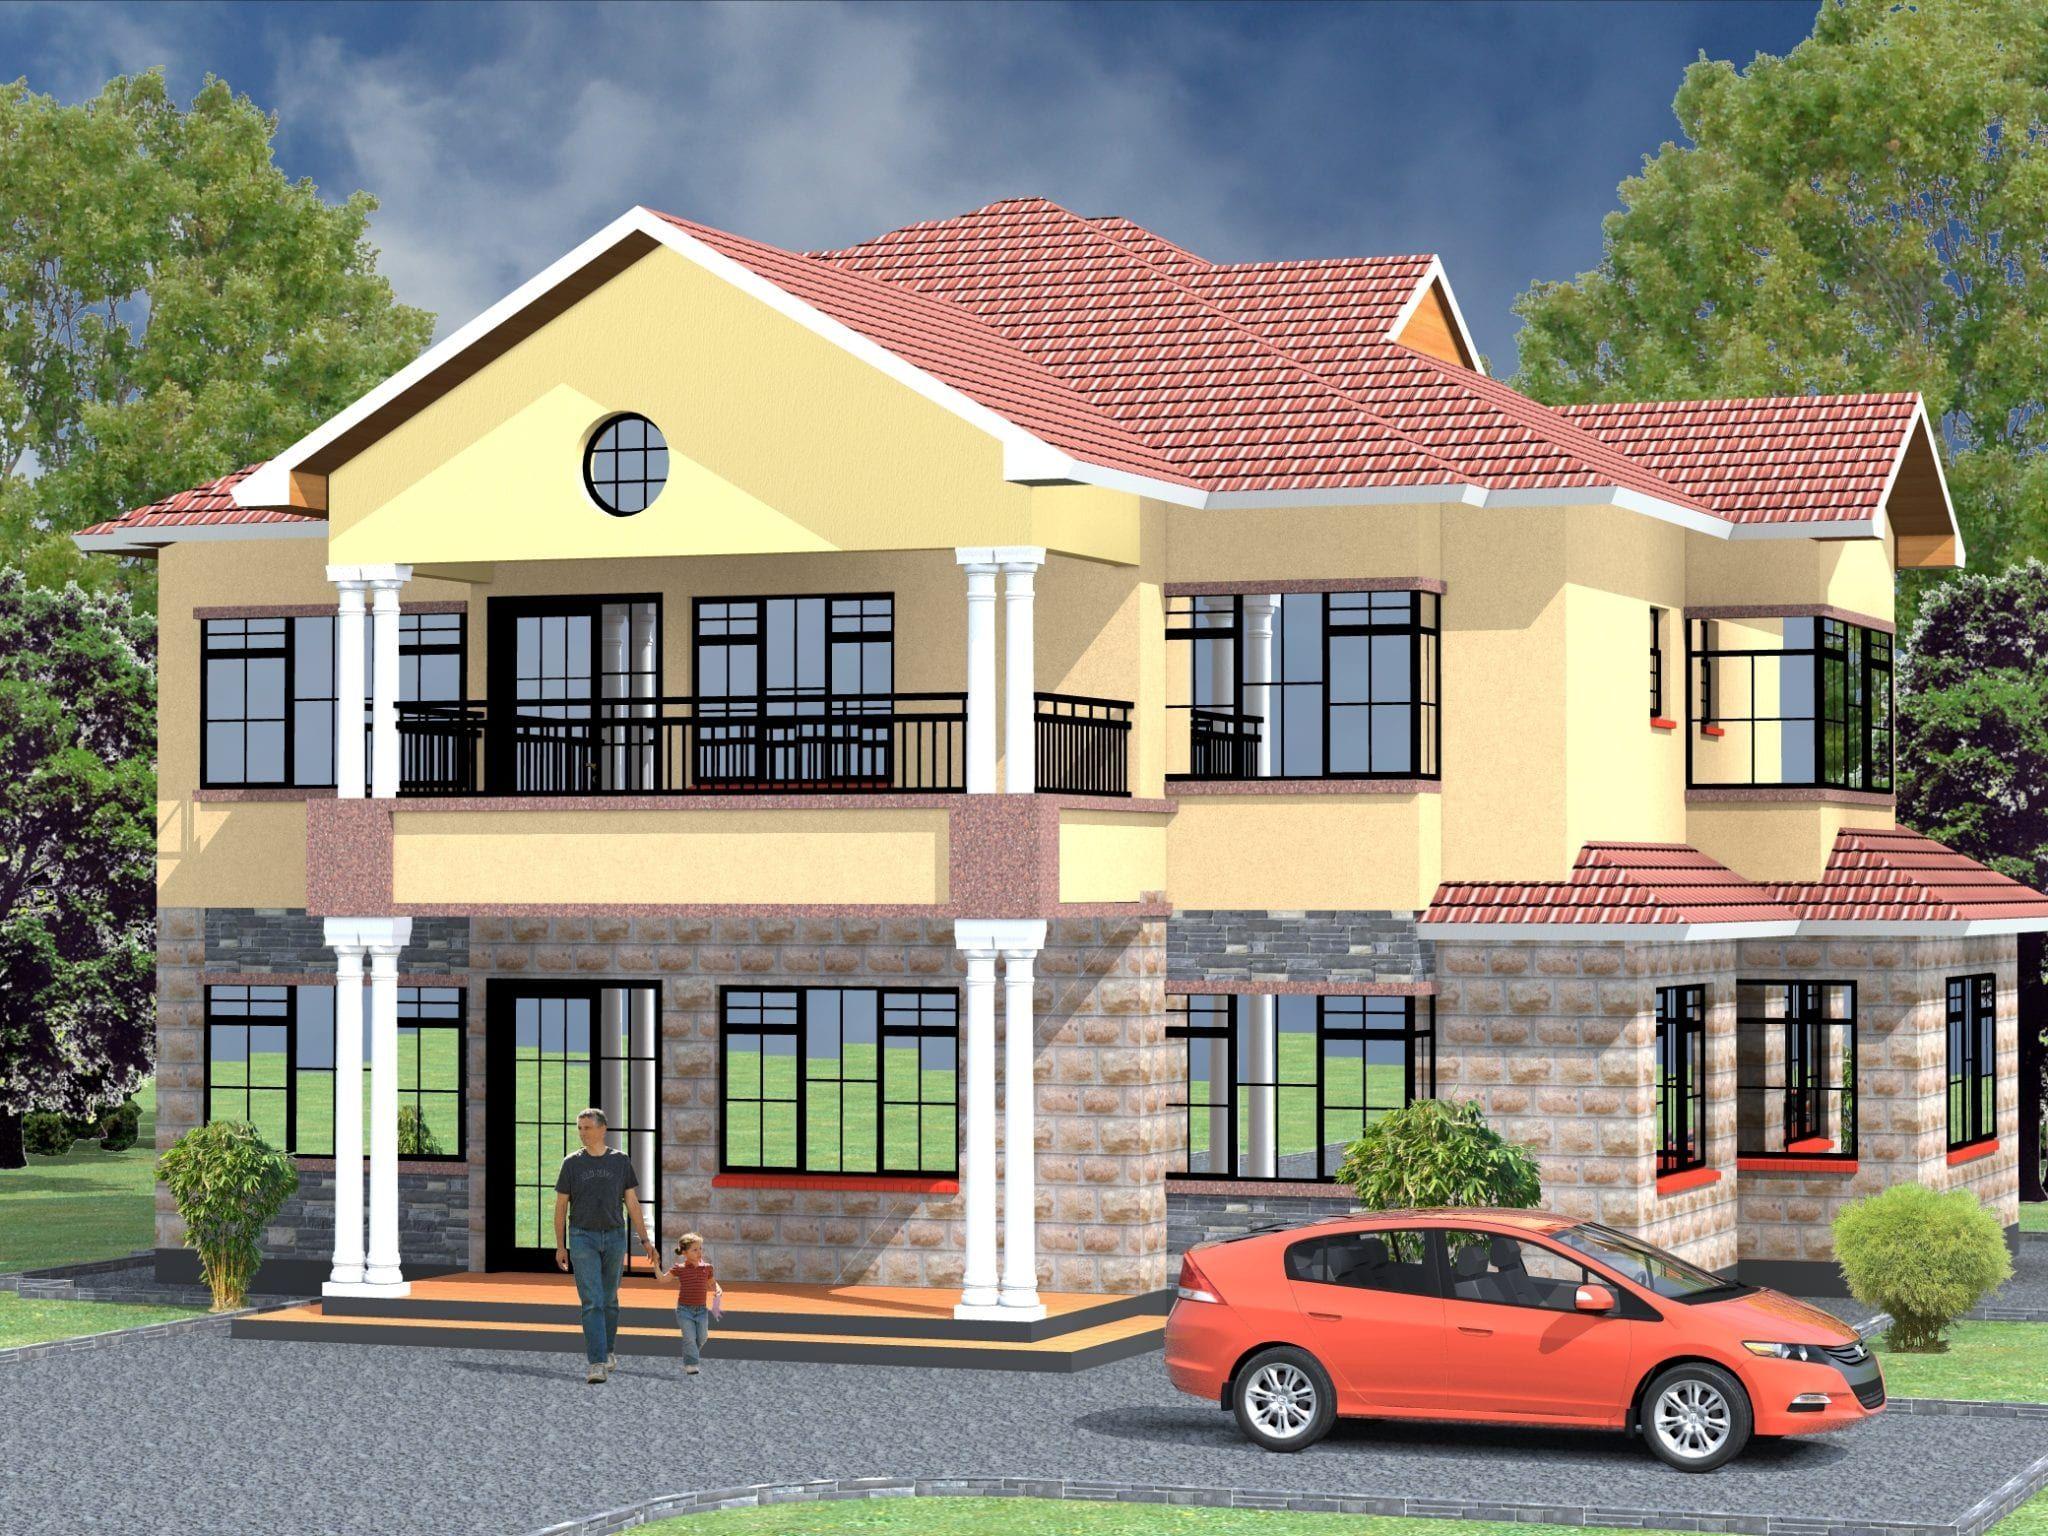 Stunning 4 Bedroom Maisonette House Plan Hpd Consult In 2020 Affordable House Plans House Plans Maisonette